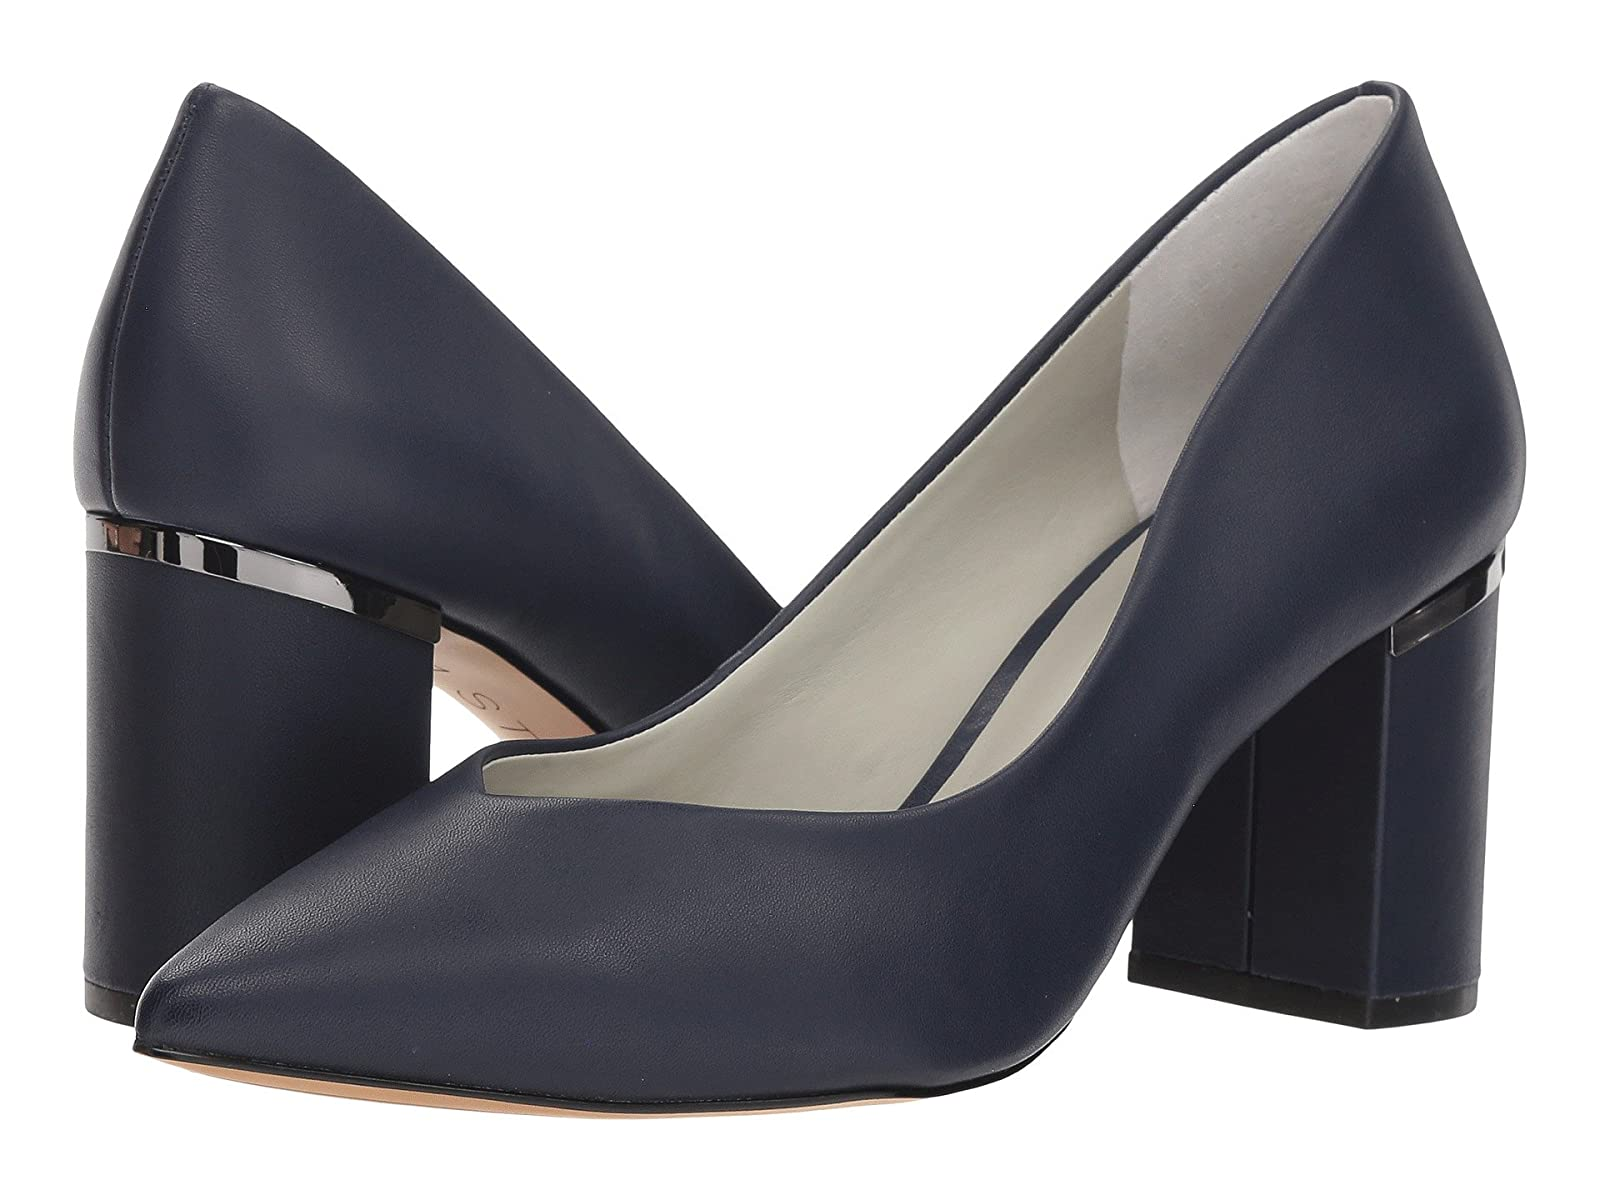 1.STATE SaffireAtmospheric grades have affordable shoes